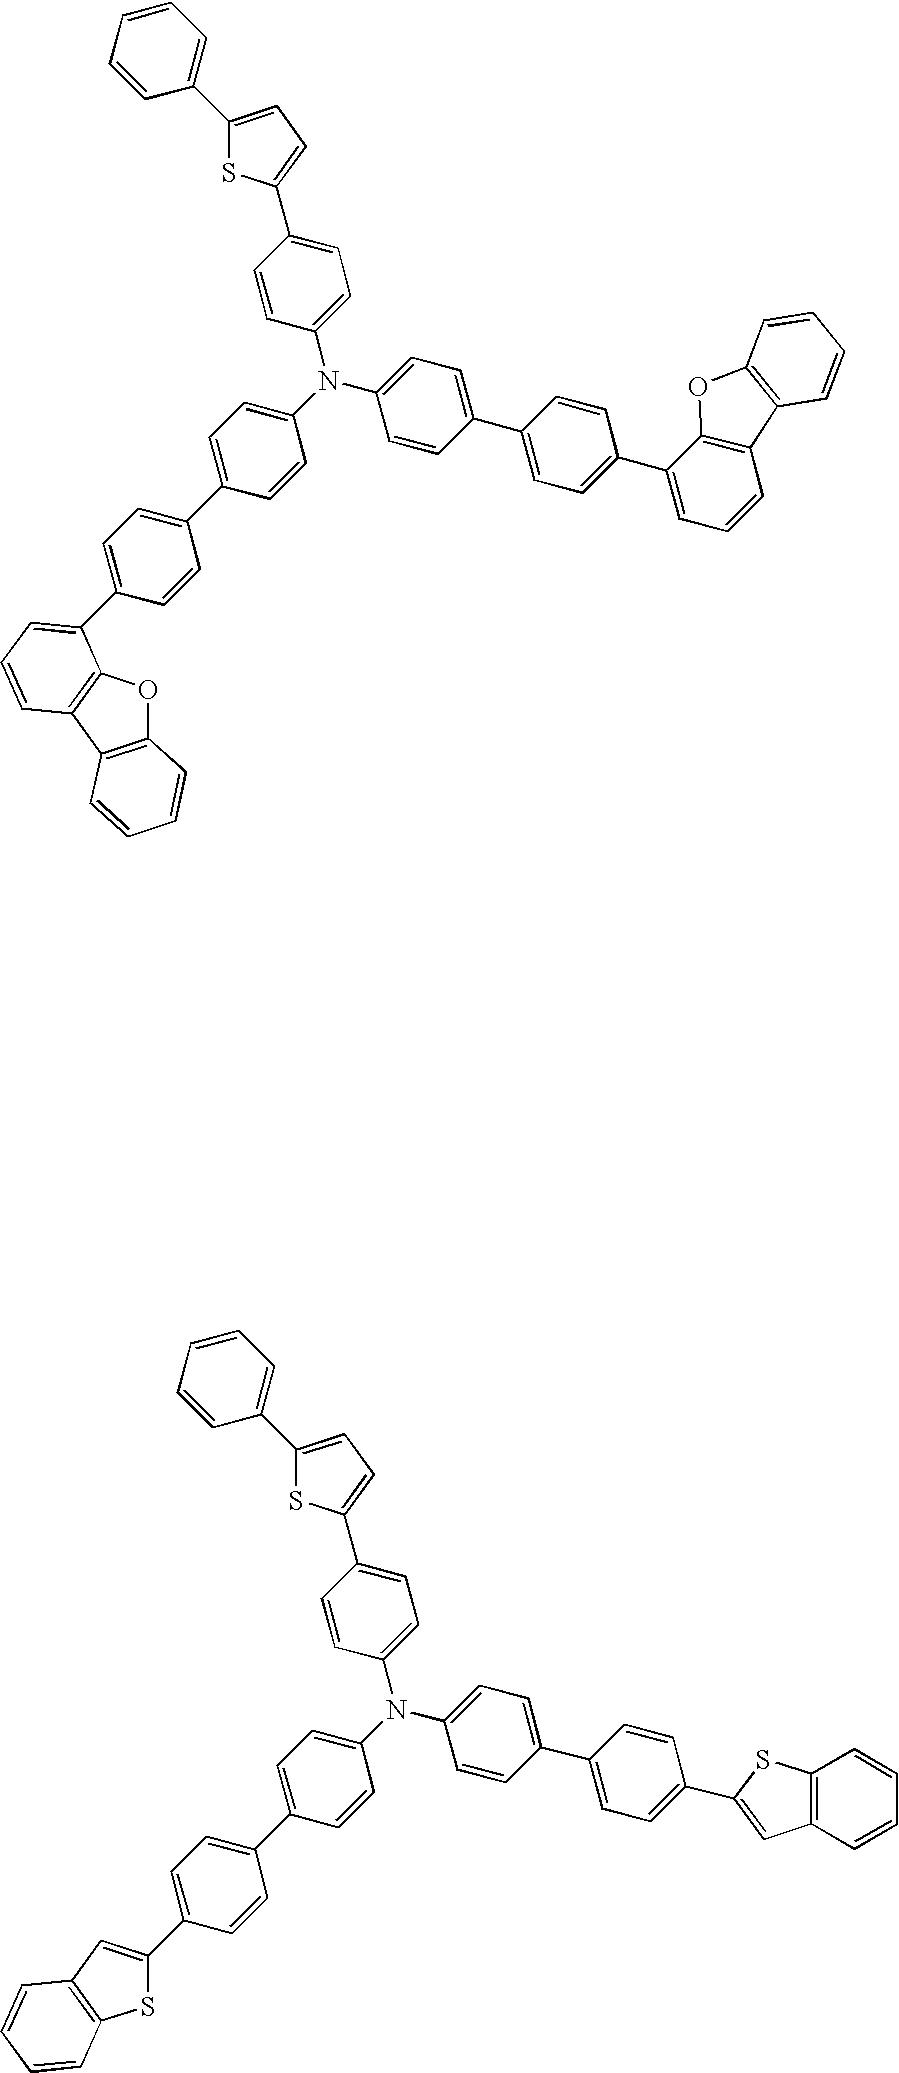 Figure US20090066235A1-20090312-C00018